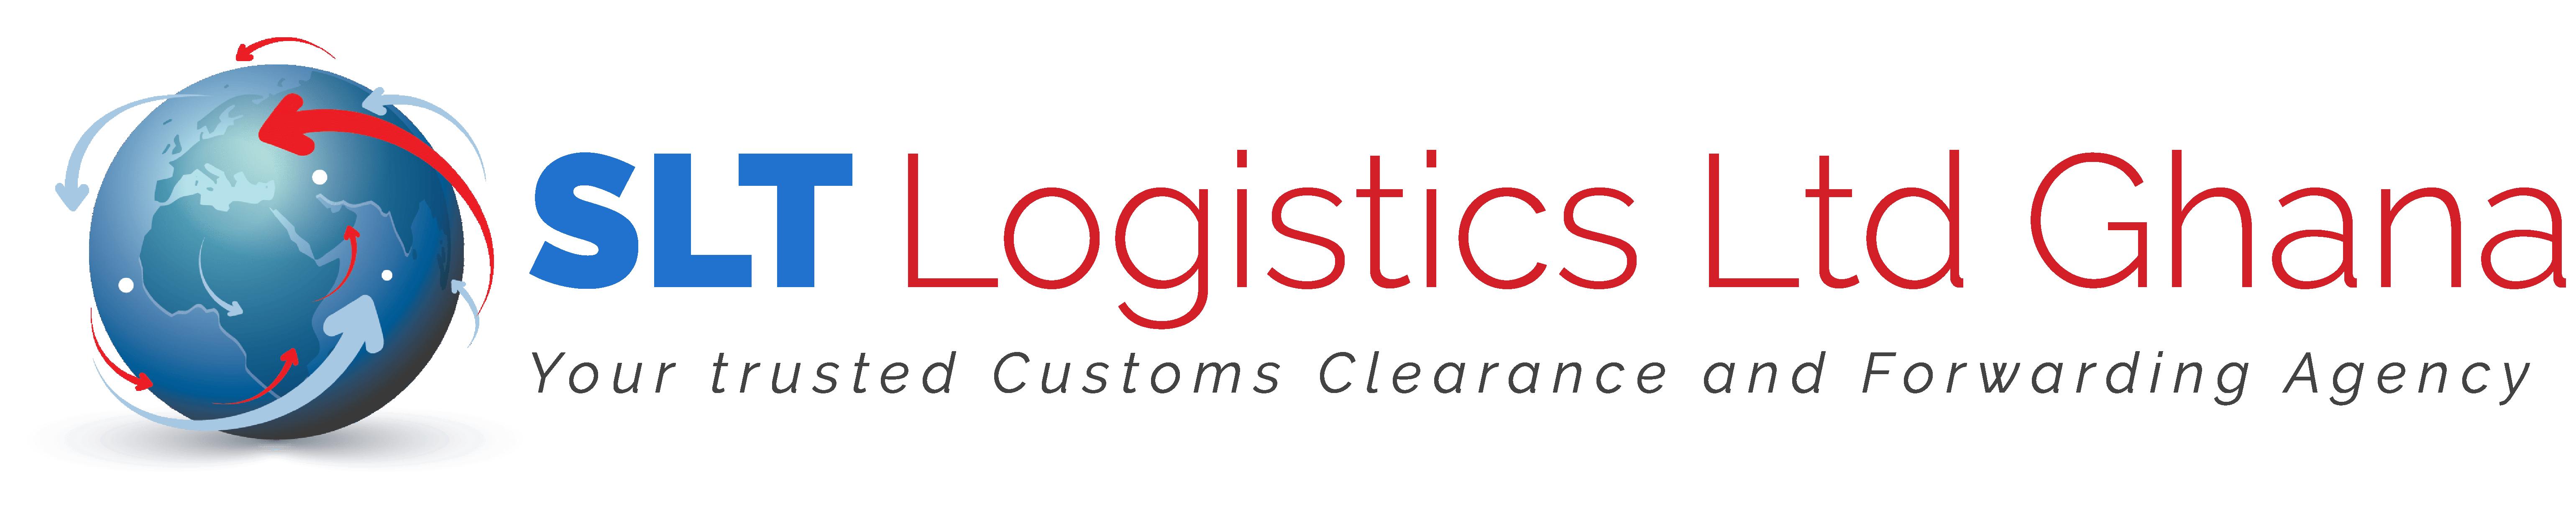 SLT Logistics Ltd. Ghana